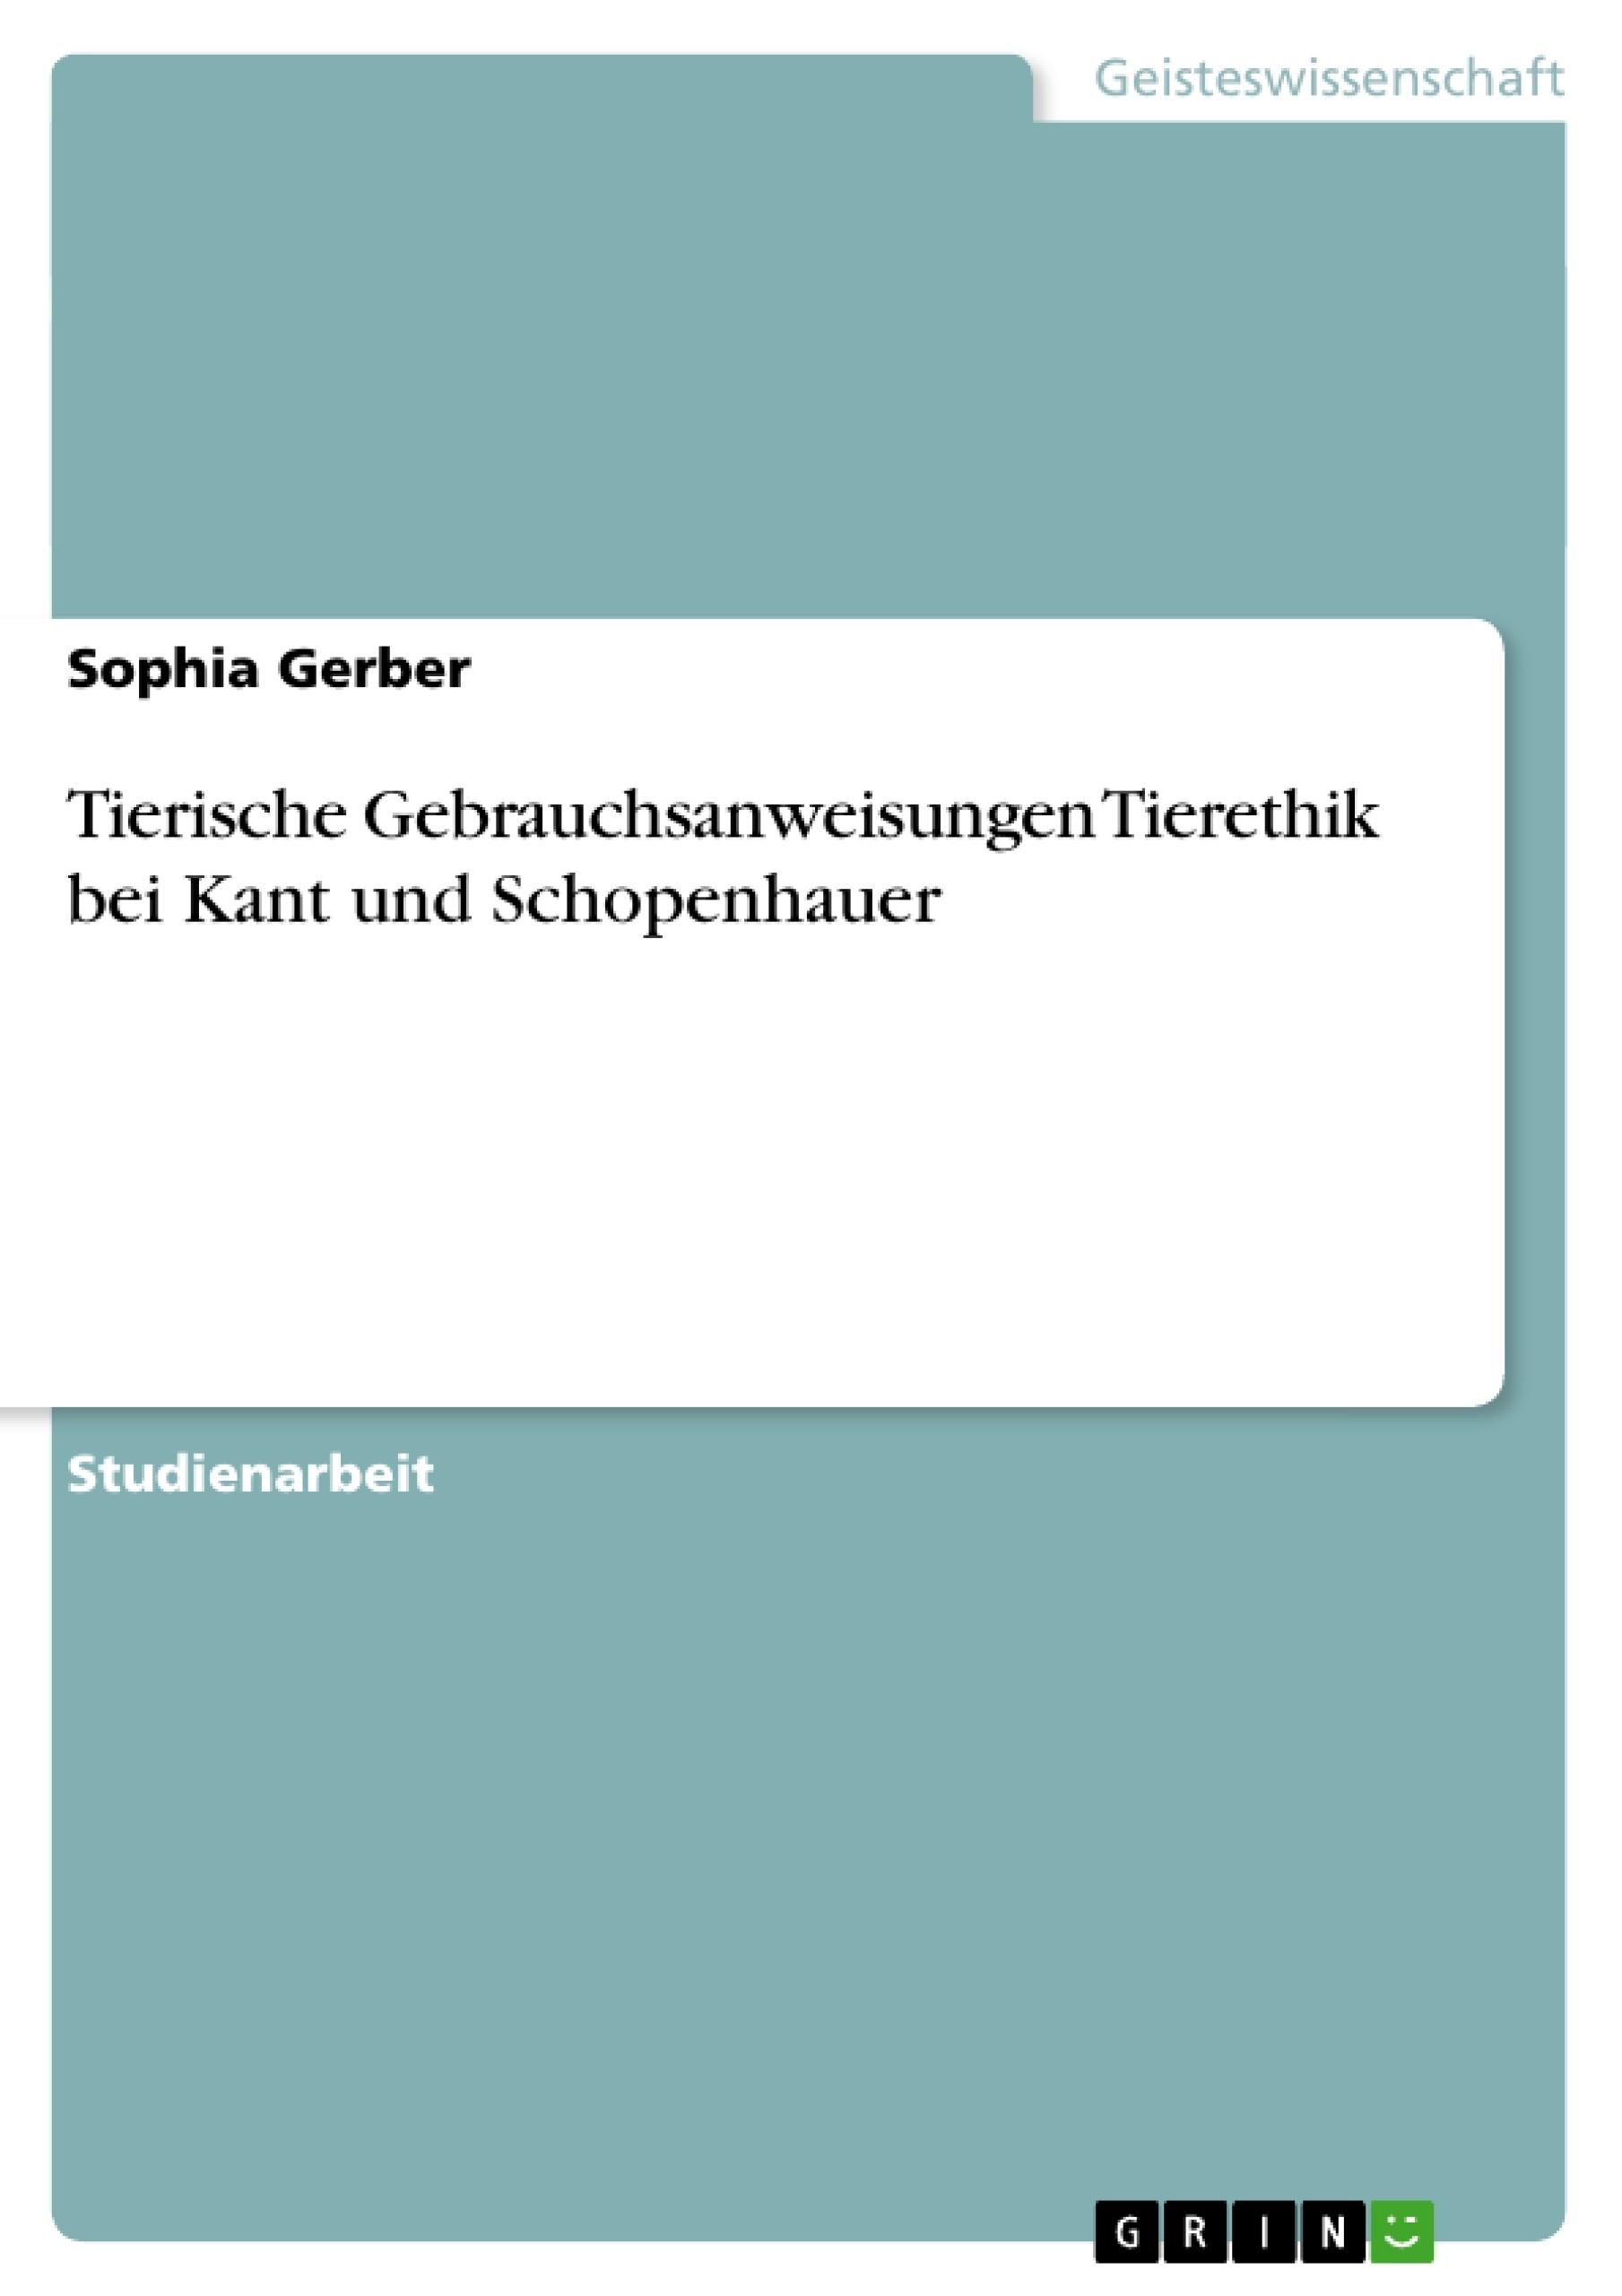 Titel: Tierische Gebrauchsanweisungen Tierethik bei Kant und Schopenhauer